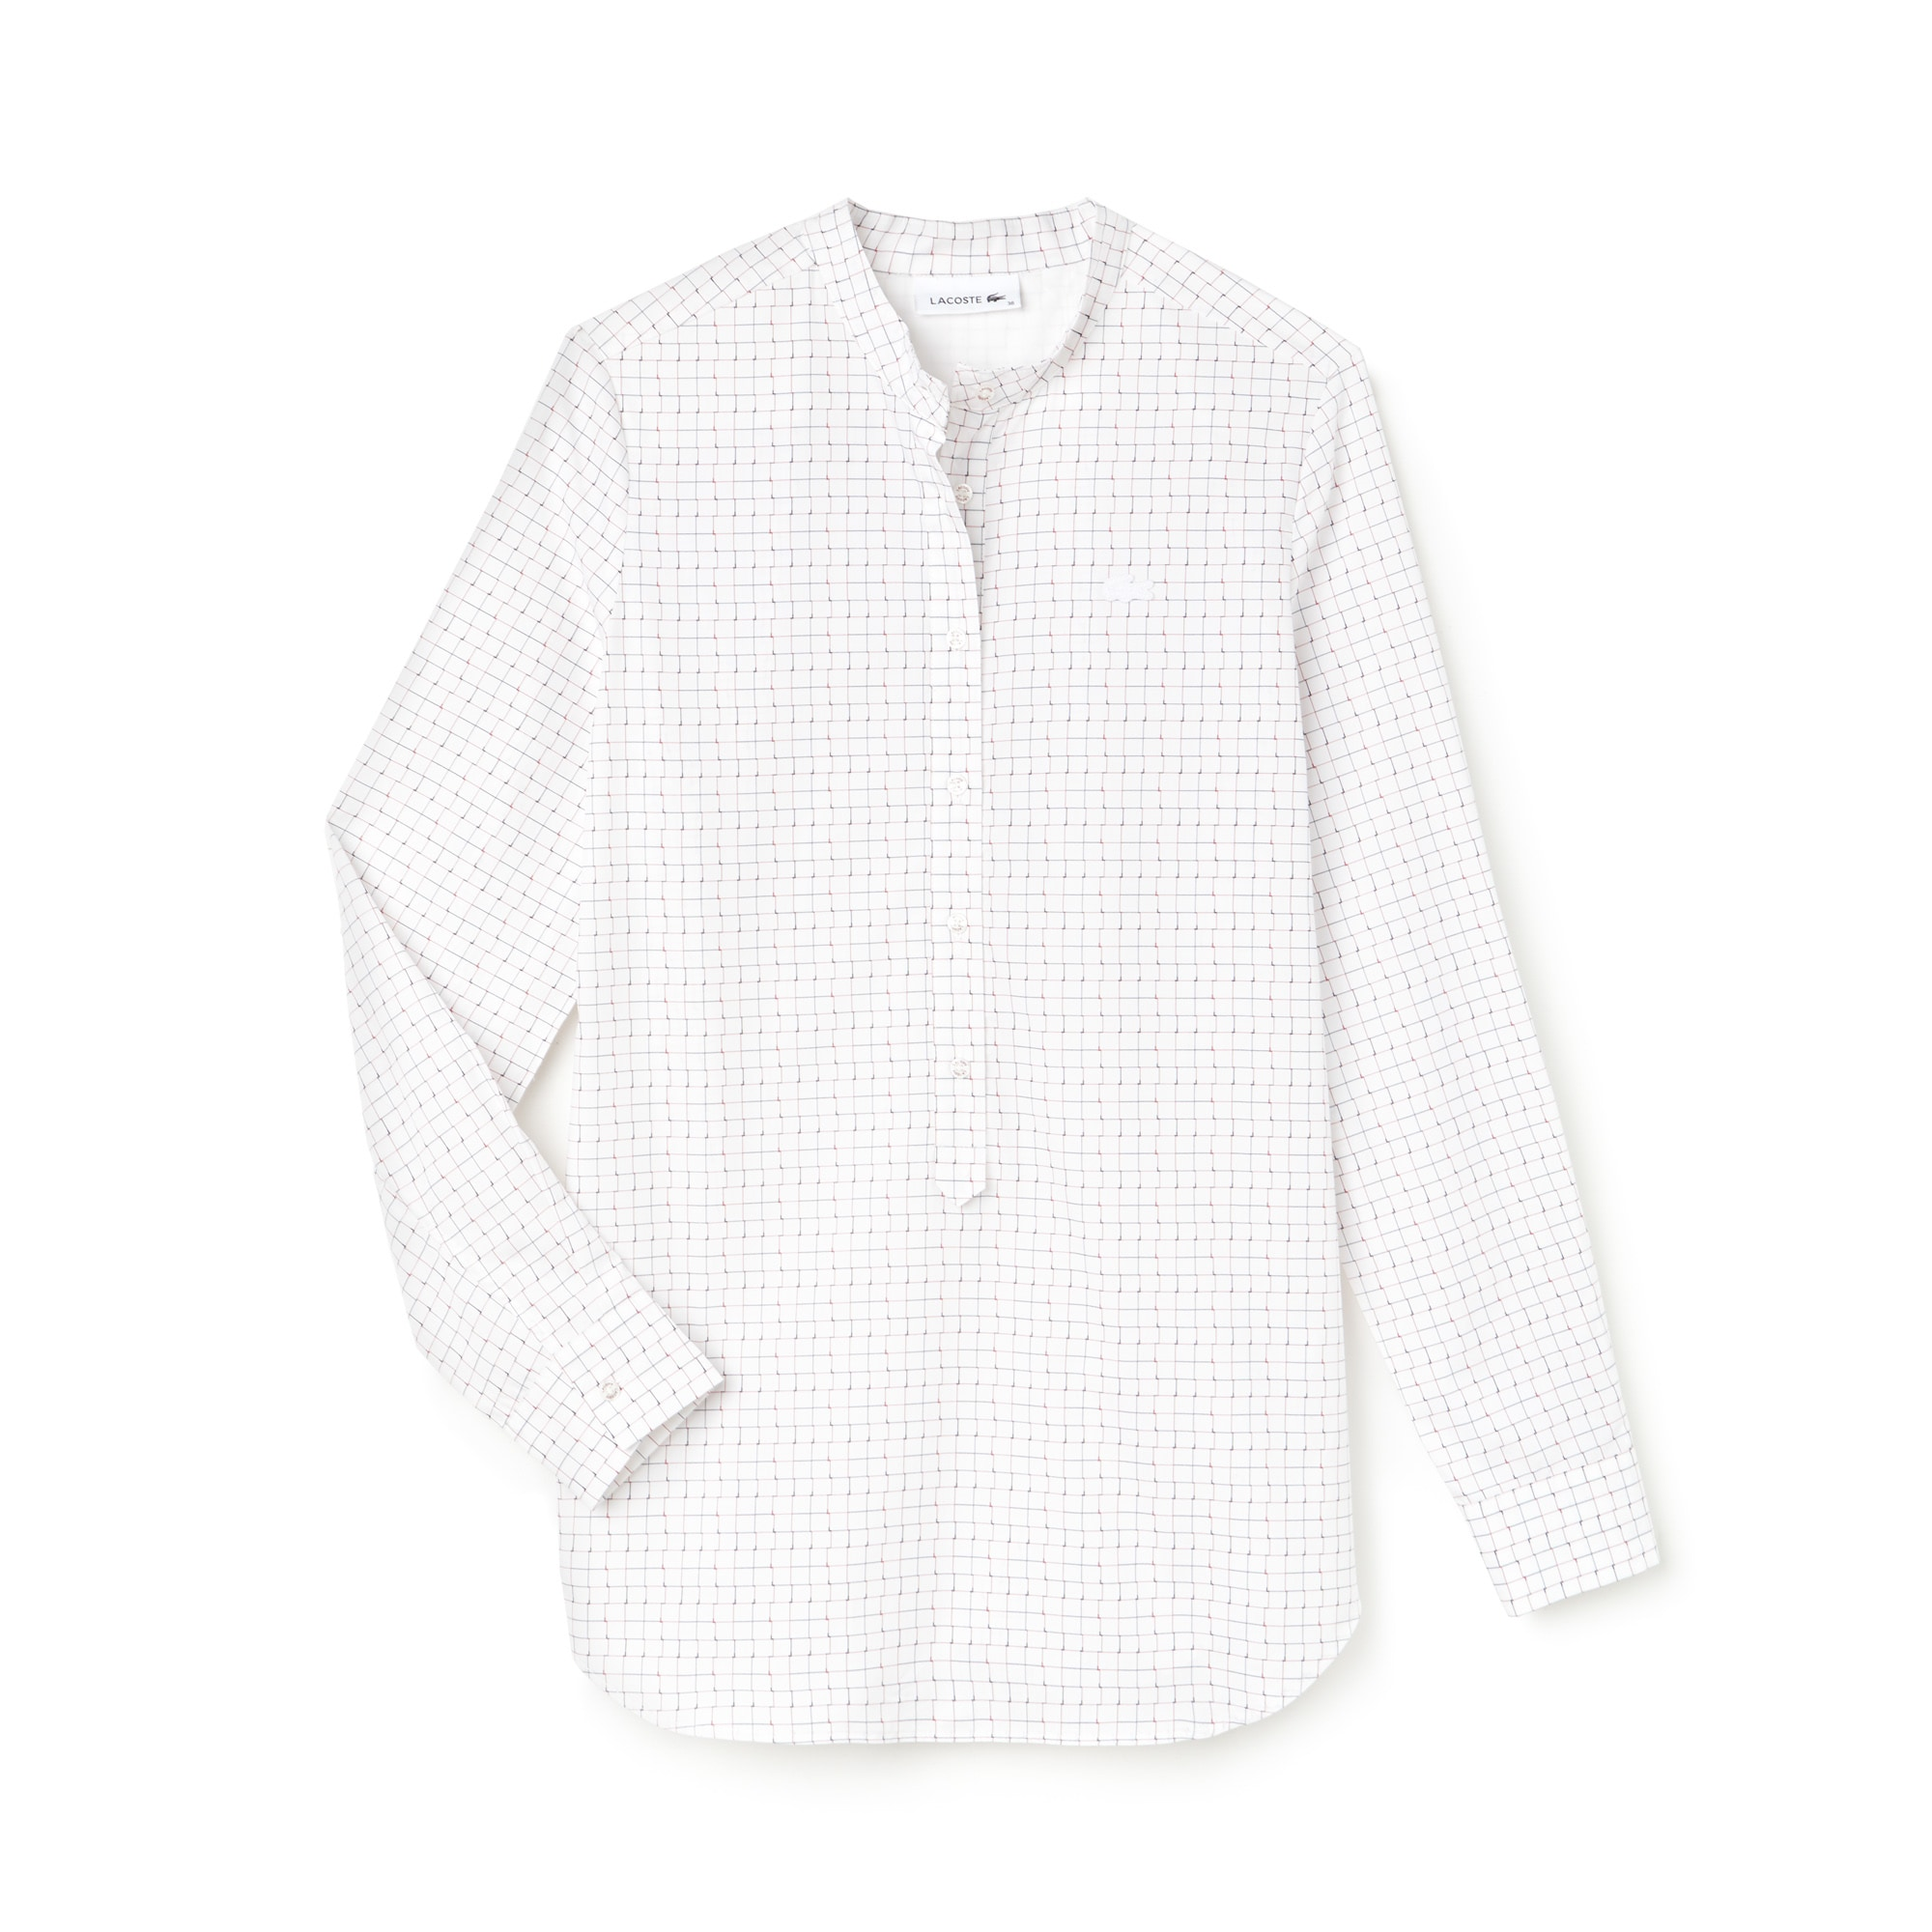 Women's Regular Fit Print Cotton Poplin Shirt